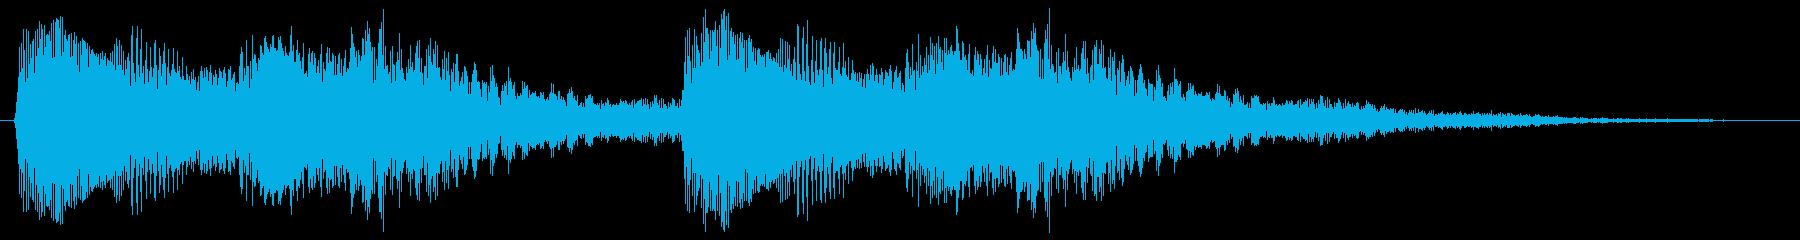 テロリラテロリラ(アラートに最適ピアノ)の再生済みの波形